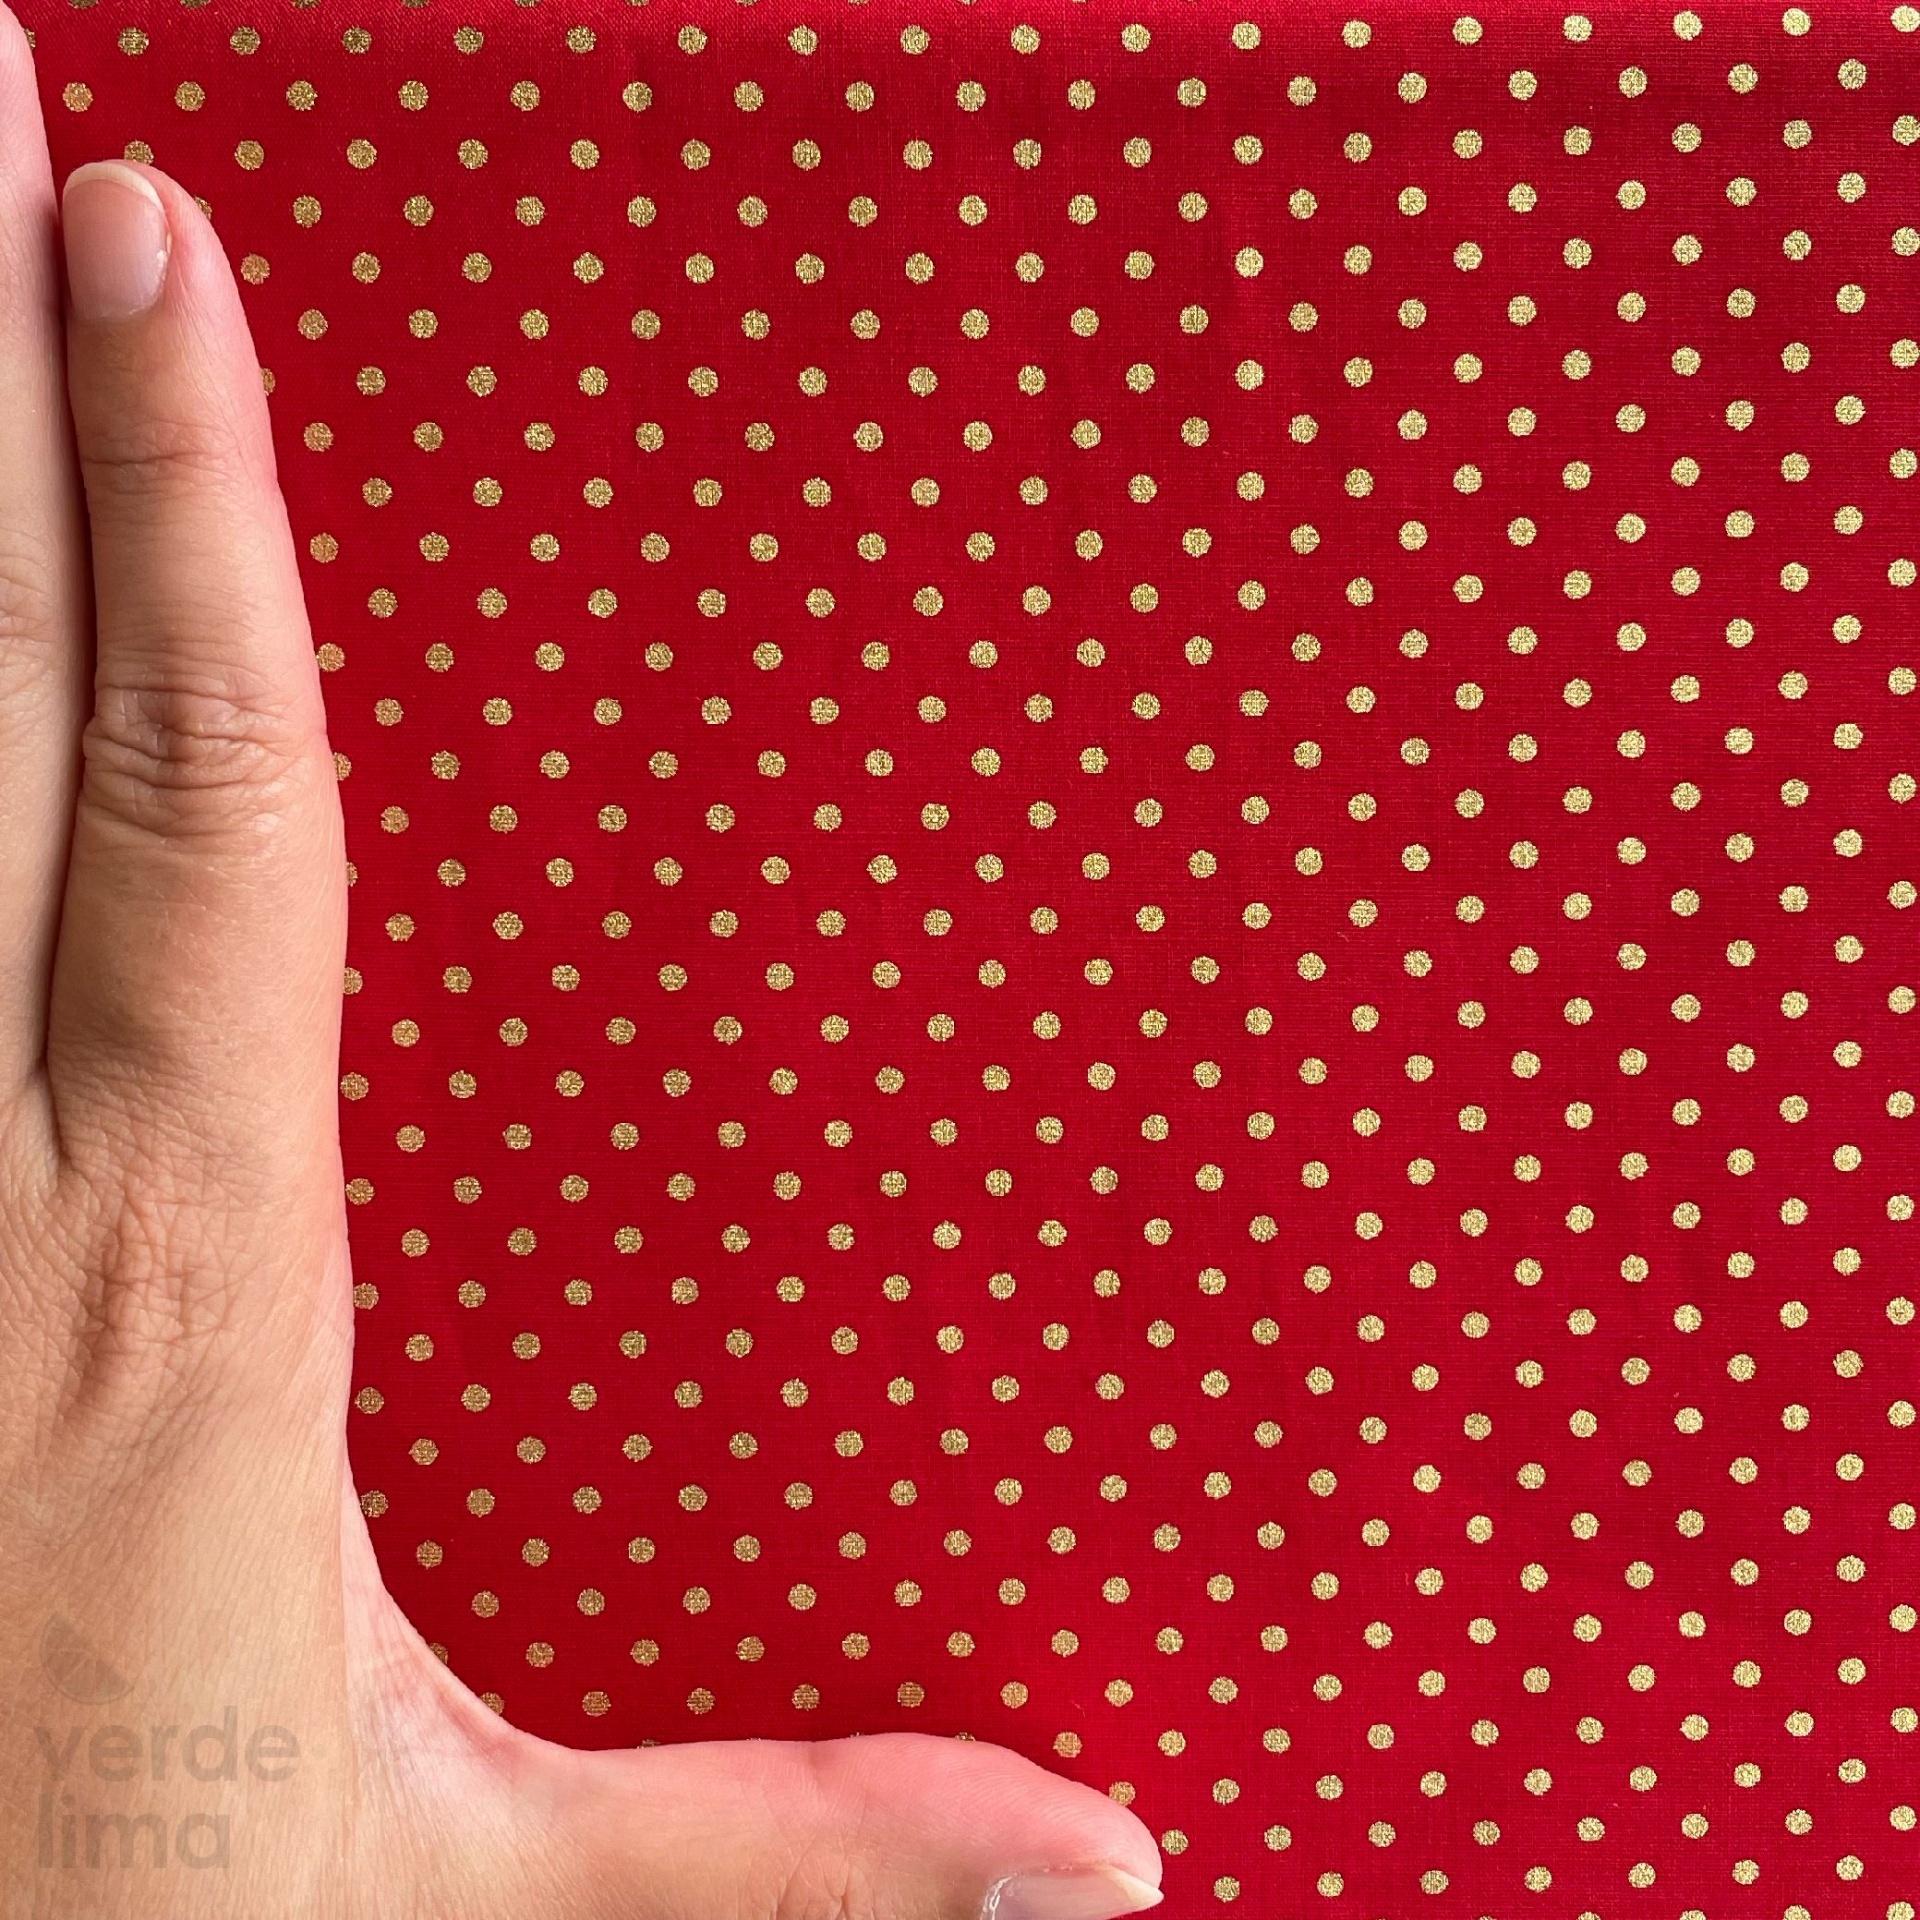 Bolinhas douradas - fundo vermelho